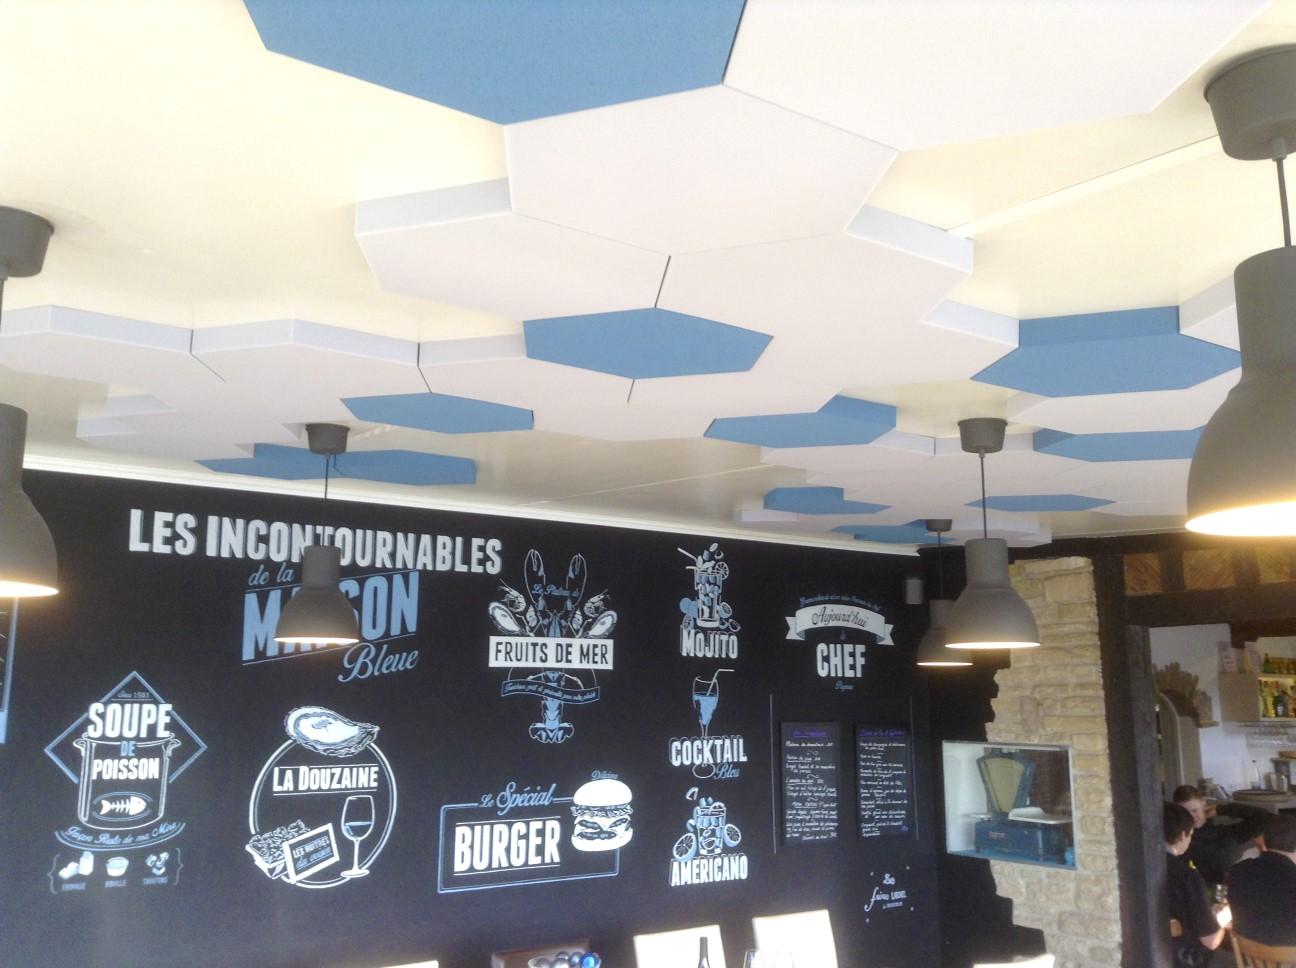 Panneaux acoustiques - Panneaux Ambiance color posé au plafond par collage en forme d'hexagone